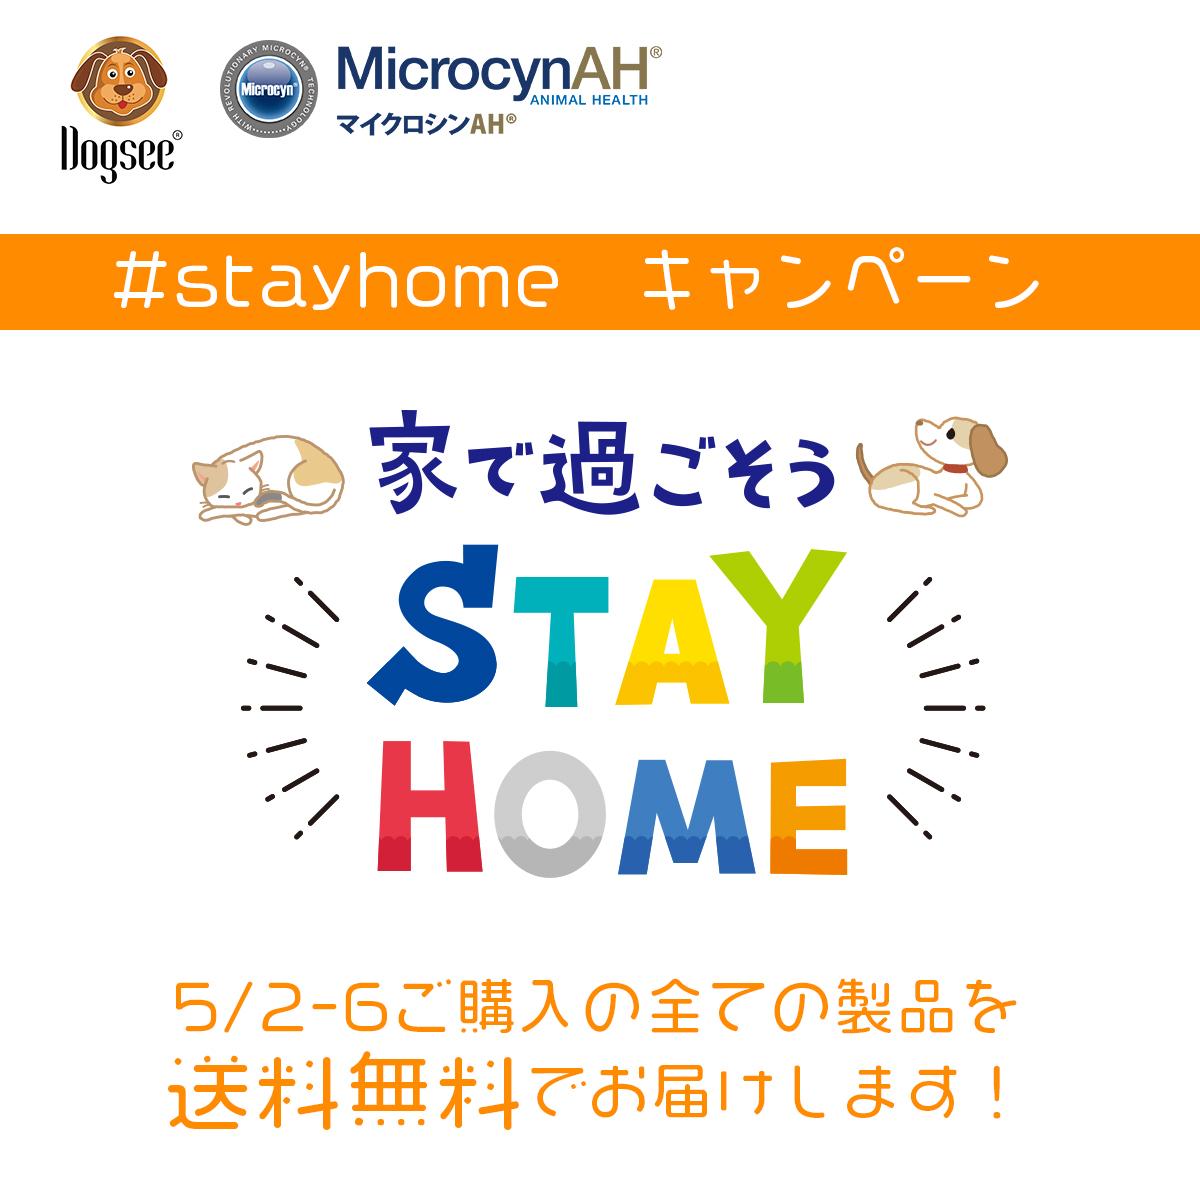 #stayhomeしよう GW<送料無料>キャンペーン